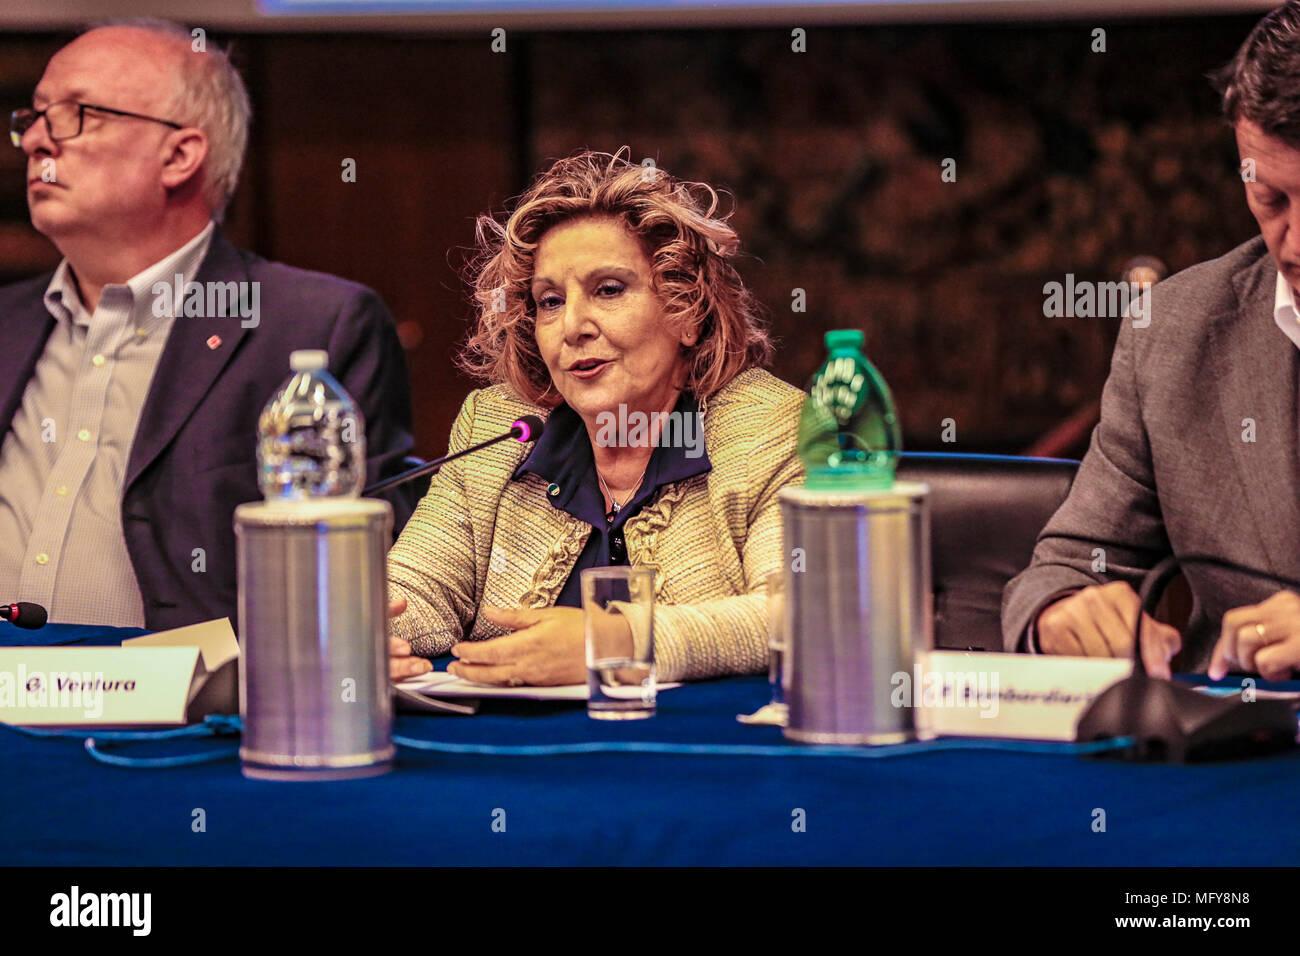 L'Italia. 26 apr, 2018. Presentazione e Conferenza Stampa del Concertone 1° Maggio di p.zza S: Giovanni a Viale Mazzini sede RAI di Roma/ nELLE FOTO I SEGRETARI CONFEDERALI CGIL, CISL, UIL STEFANO COLETTA, PAOLA MARCHESINI, ALESSANDRO LOSTIA, MASSDIMO BONELLI, i presentatori 2018 AMBRA ANGIOLINI E LODO GUENZI/@danielafranceschelliPH/PacificPressAgency conferenza stampa del concertone del 1 maggio di piazza San Giovanni eseguita nella sede Rai di Viale Mazzini. Credito: Daniela Franceschelli/Pacific Press/Alamy Live News Foto Stock